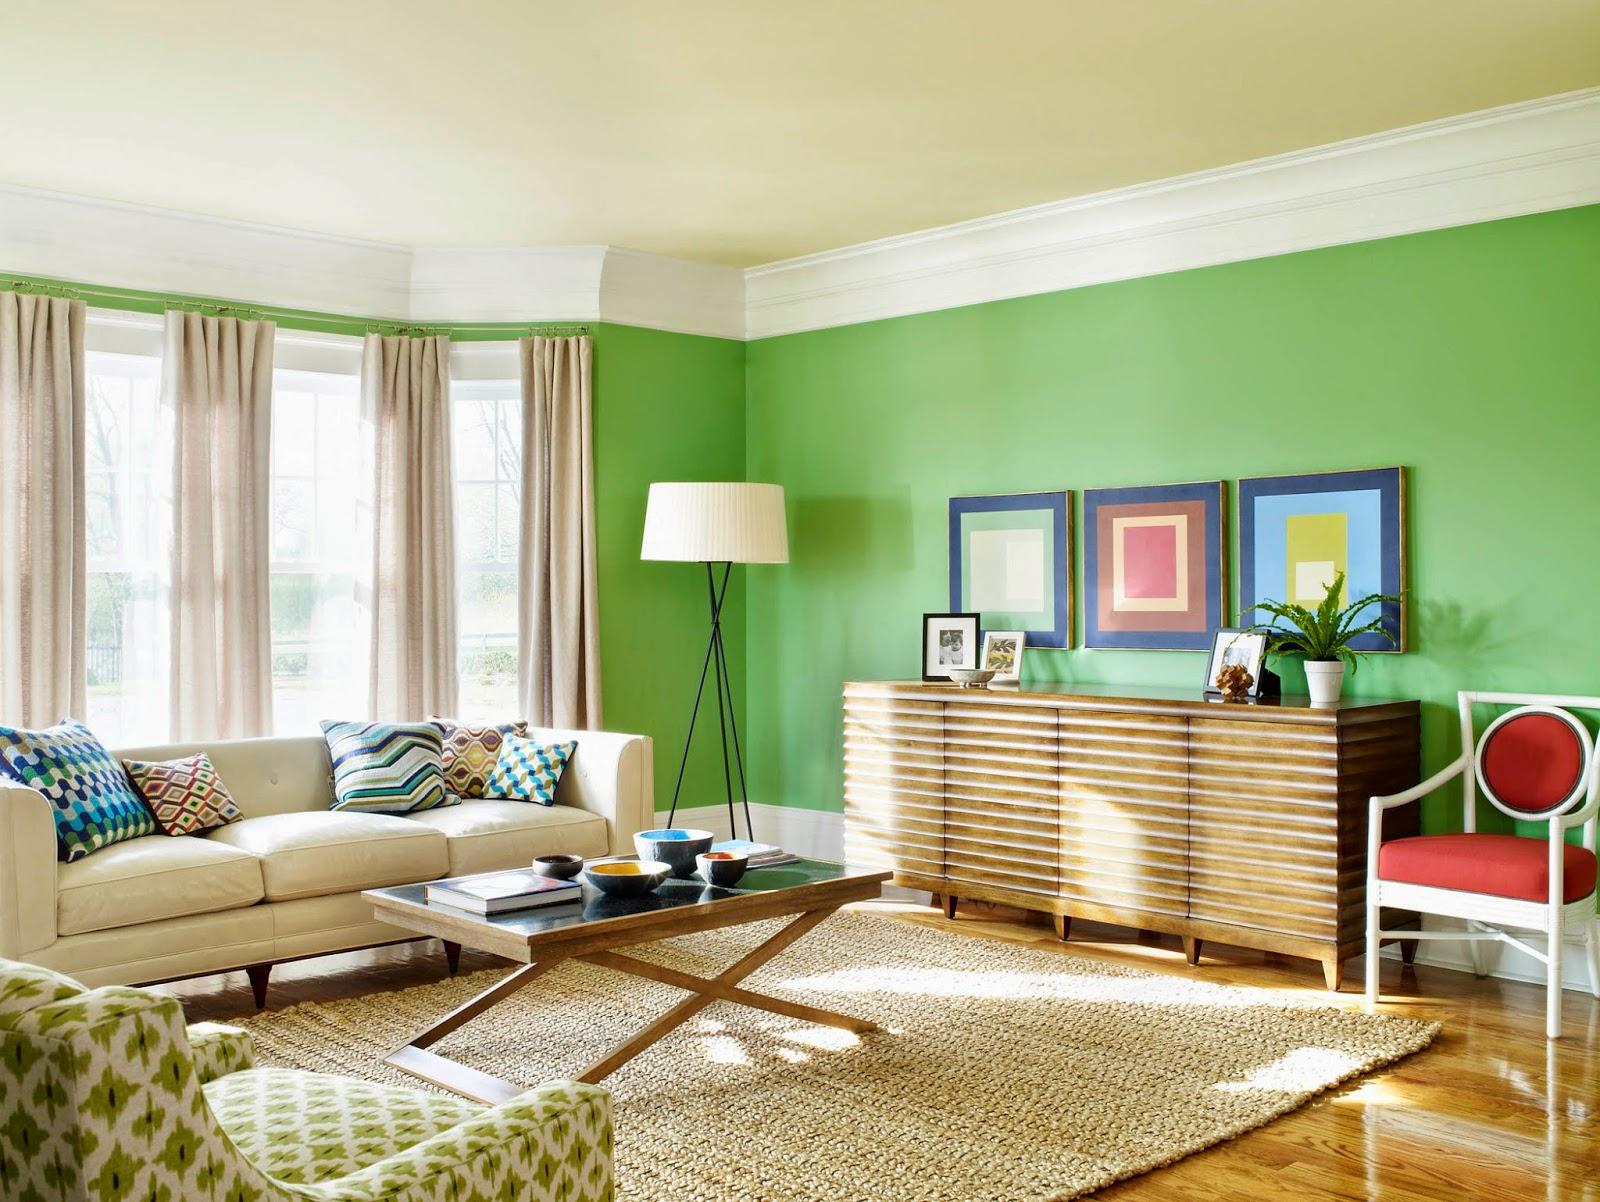 50 Gambar Model Ruang Tamu Warna Hijau Klasik Desainrumahnyacom